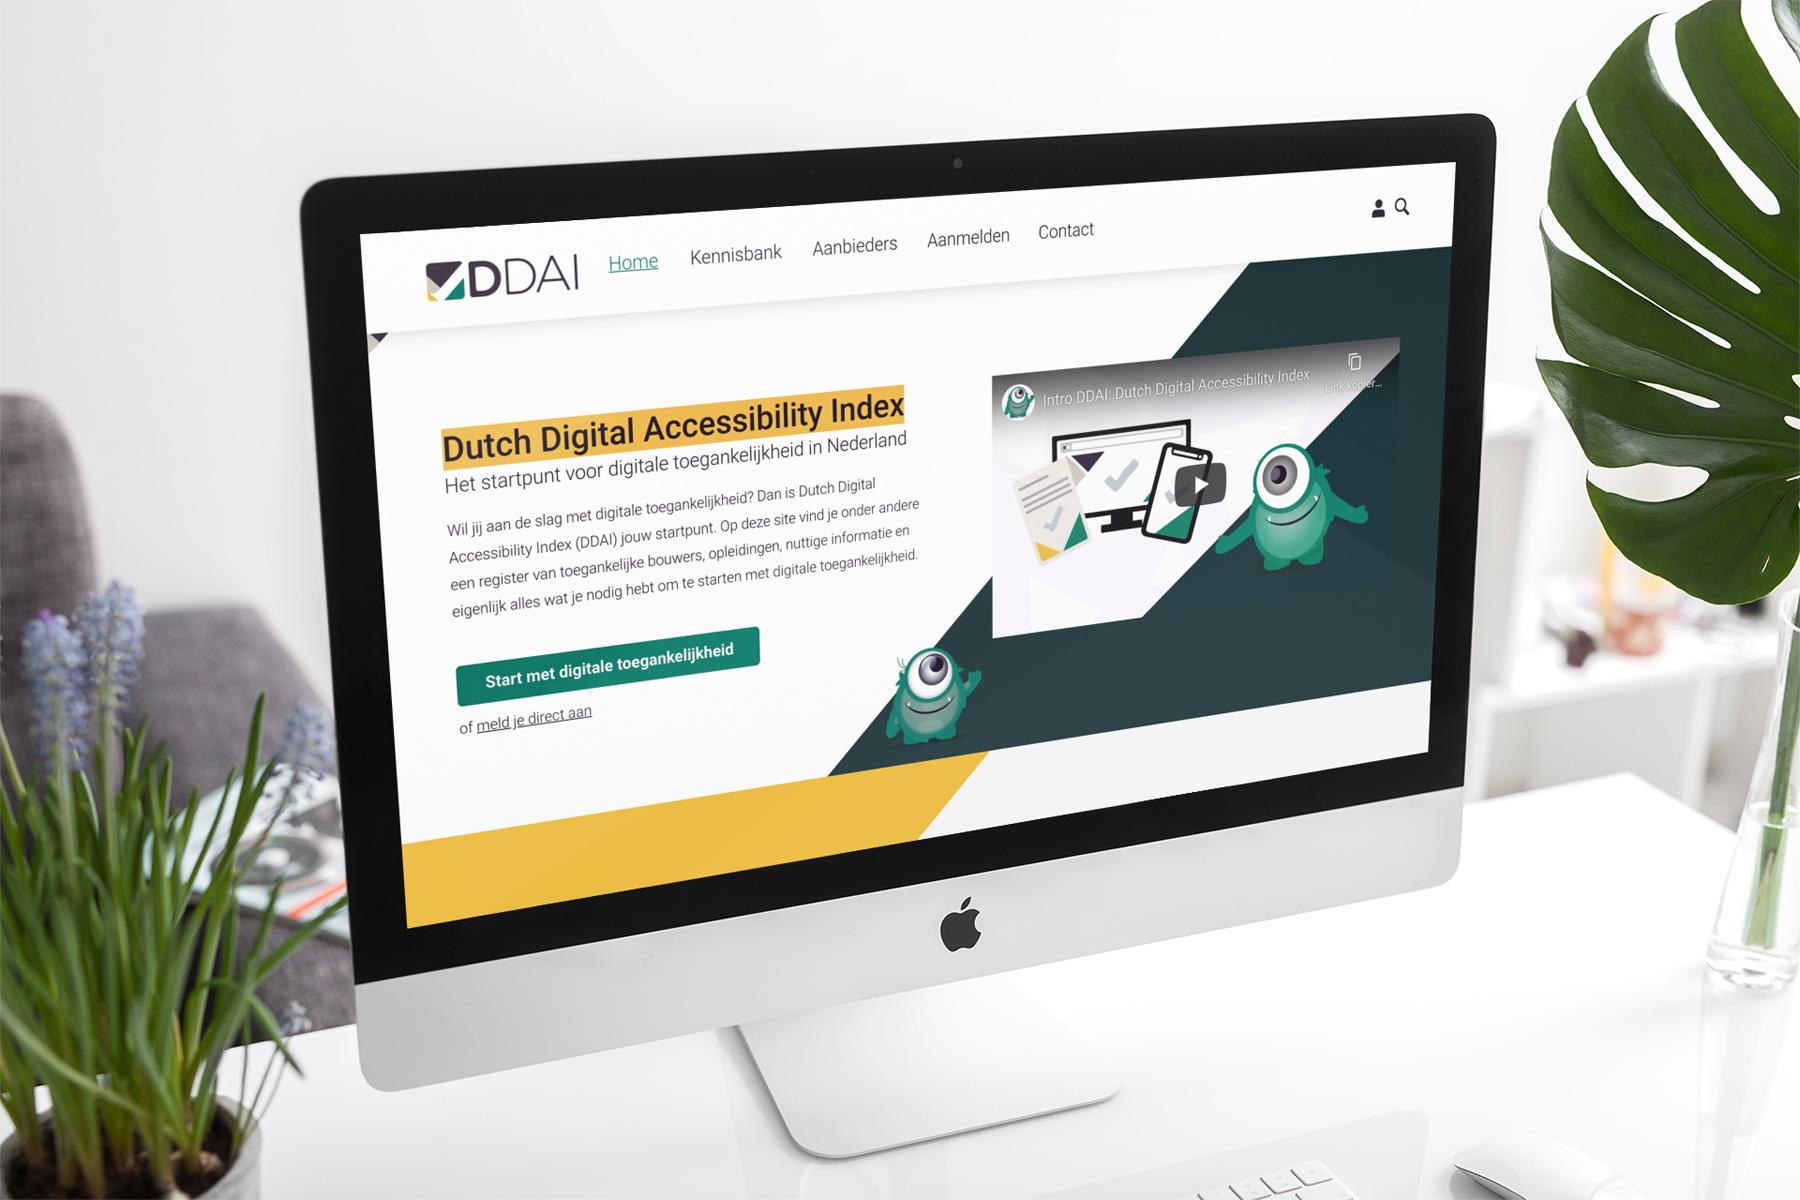 Mockup afbeelding van de website van de ddai